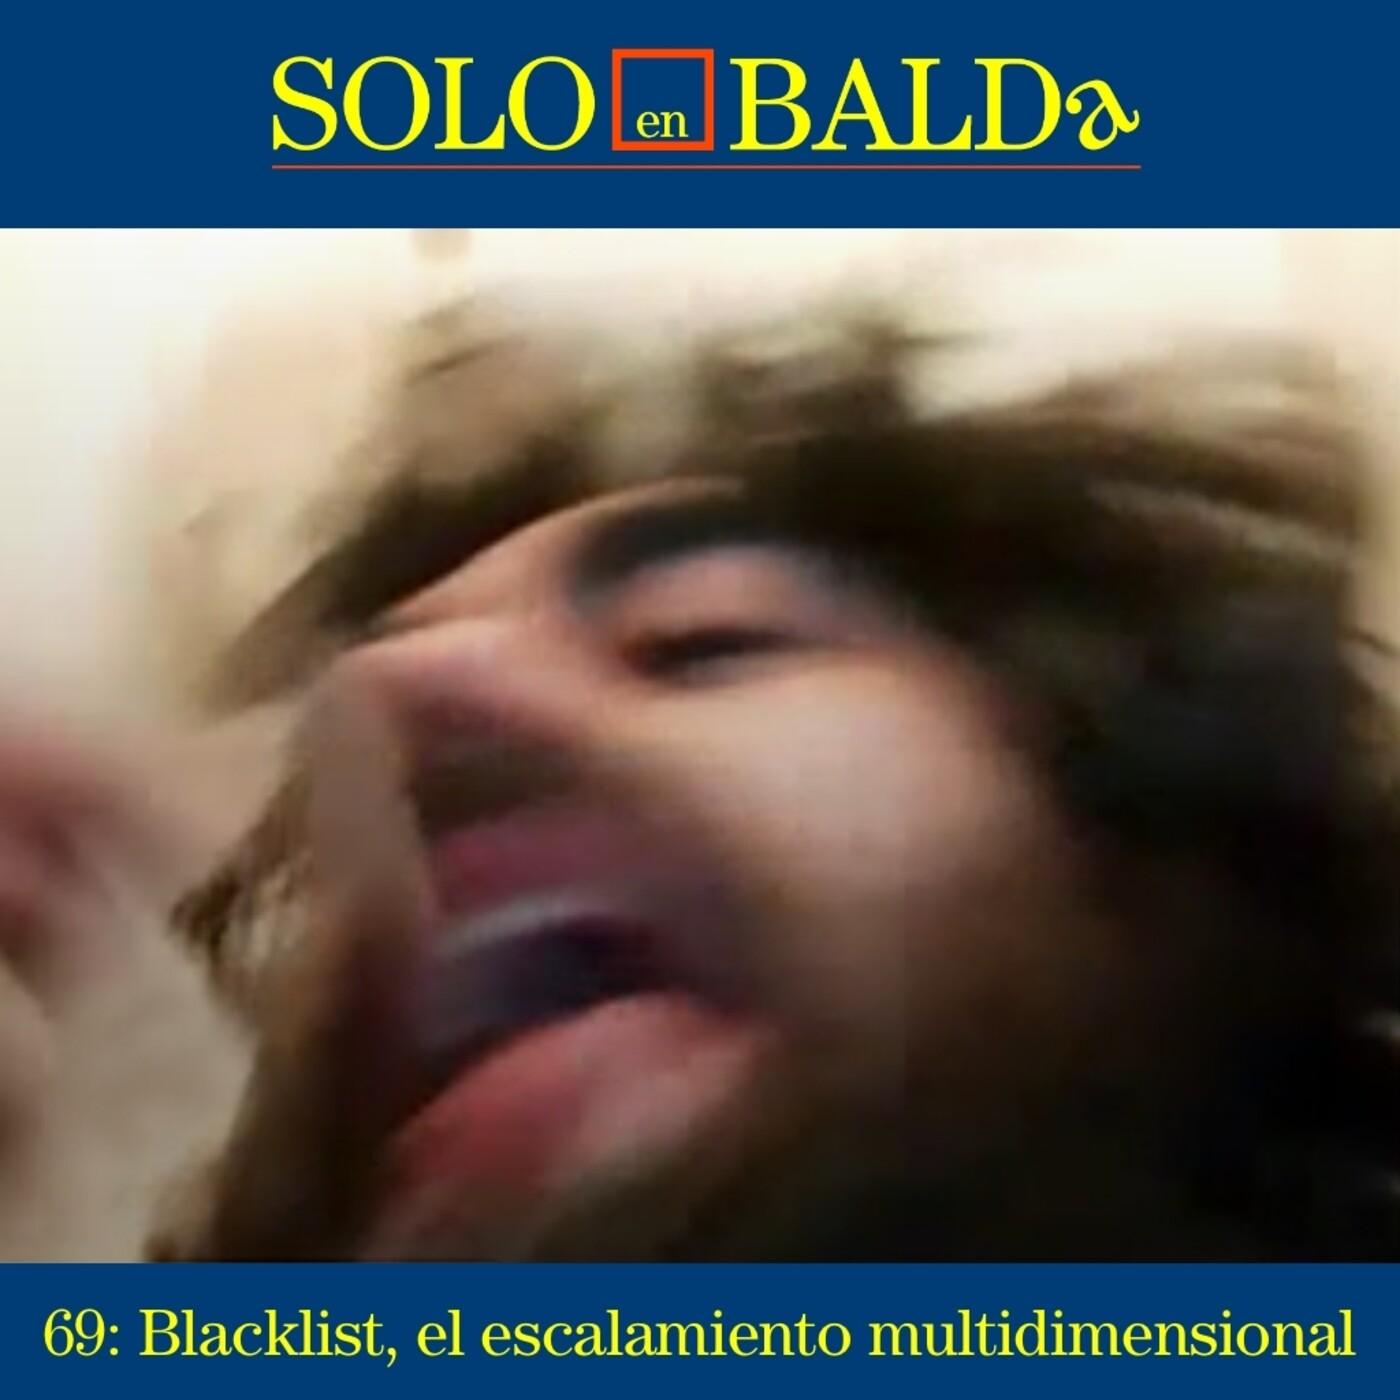 69: Blacklist, el escalamiento multidimensional